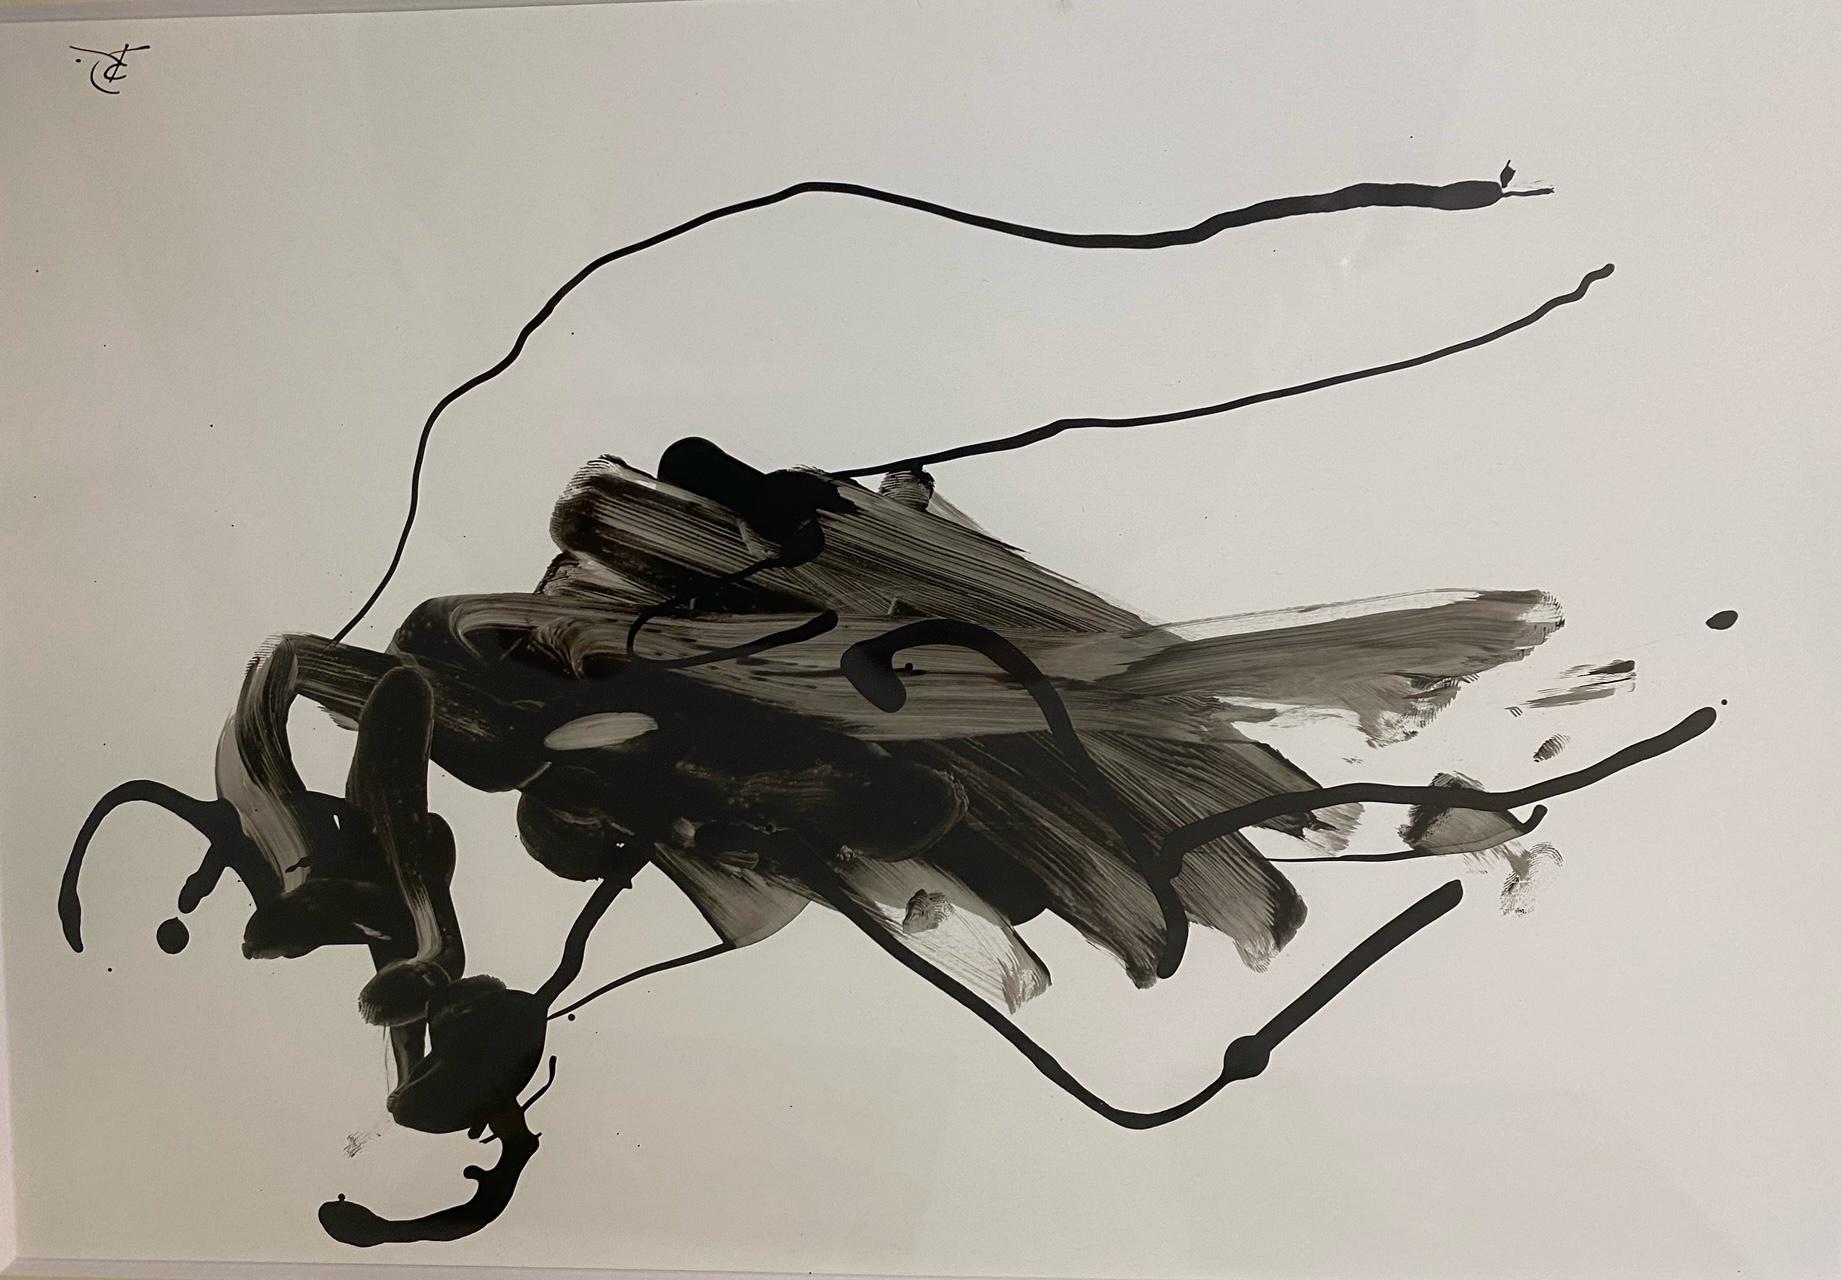 Doganova_EROT-INK 8, Originaltuschzeichnungen, gerahmt, signiert, 20 x 30 cm